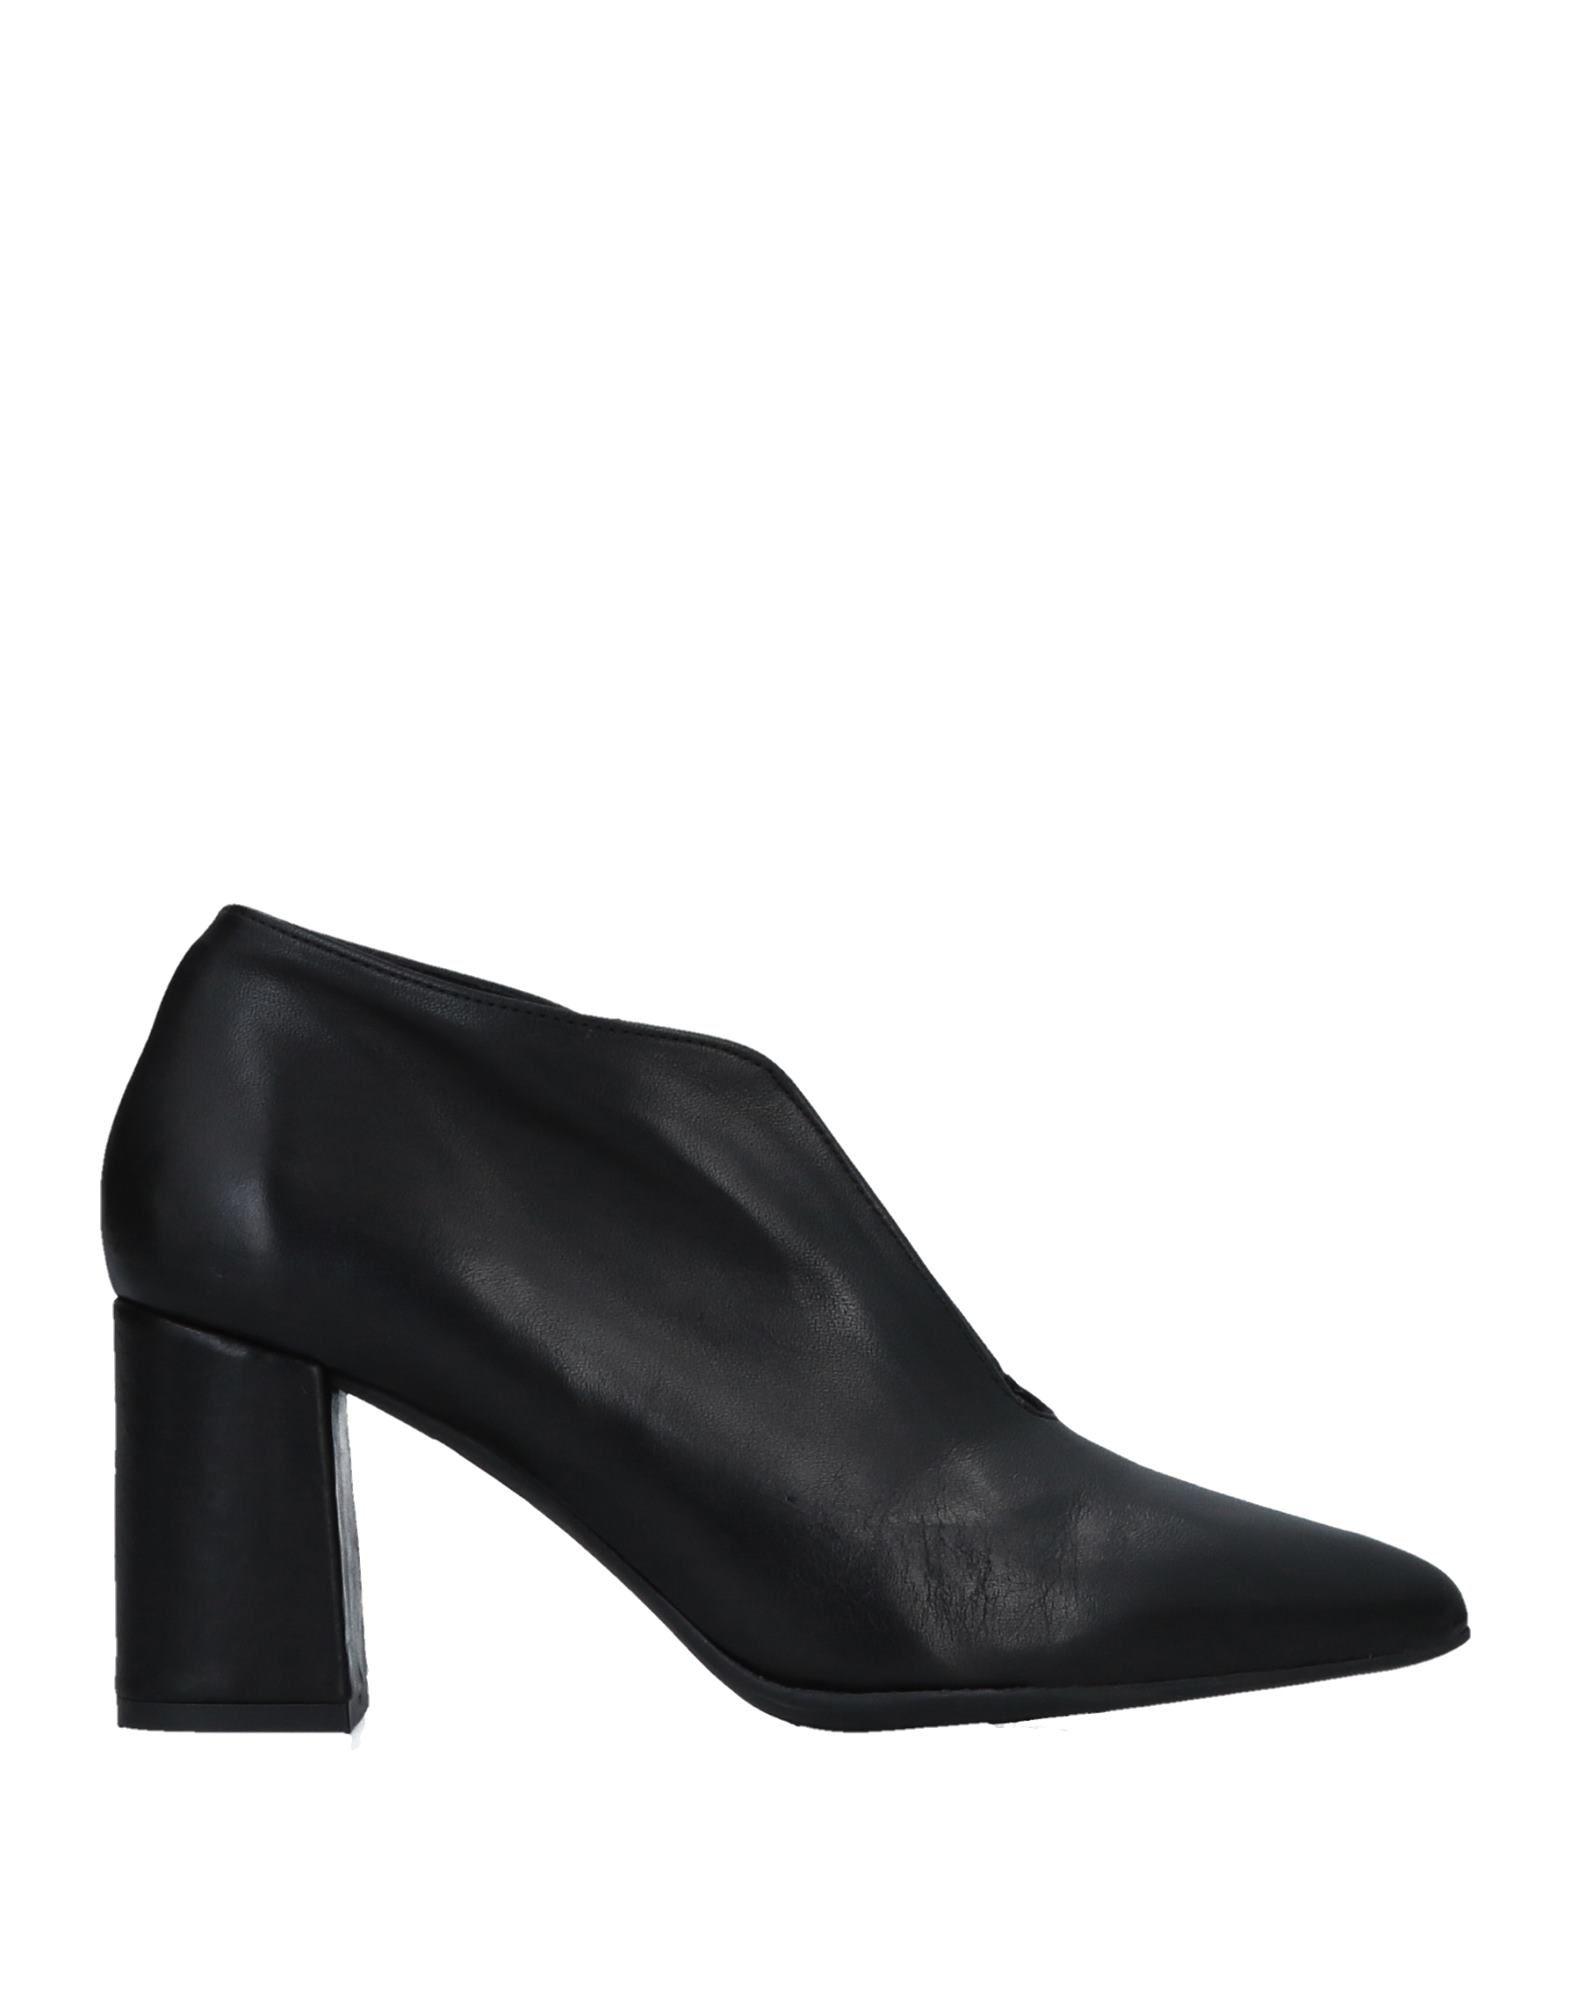 Marian Stiefelette Damen  11511771WQ Gute Qualität beliebte Schuhe